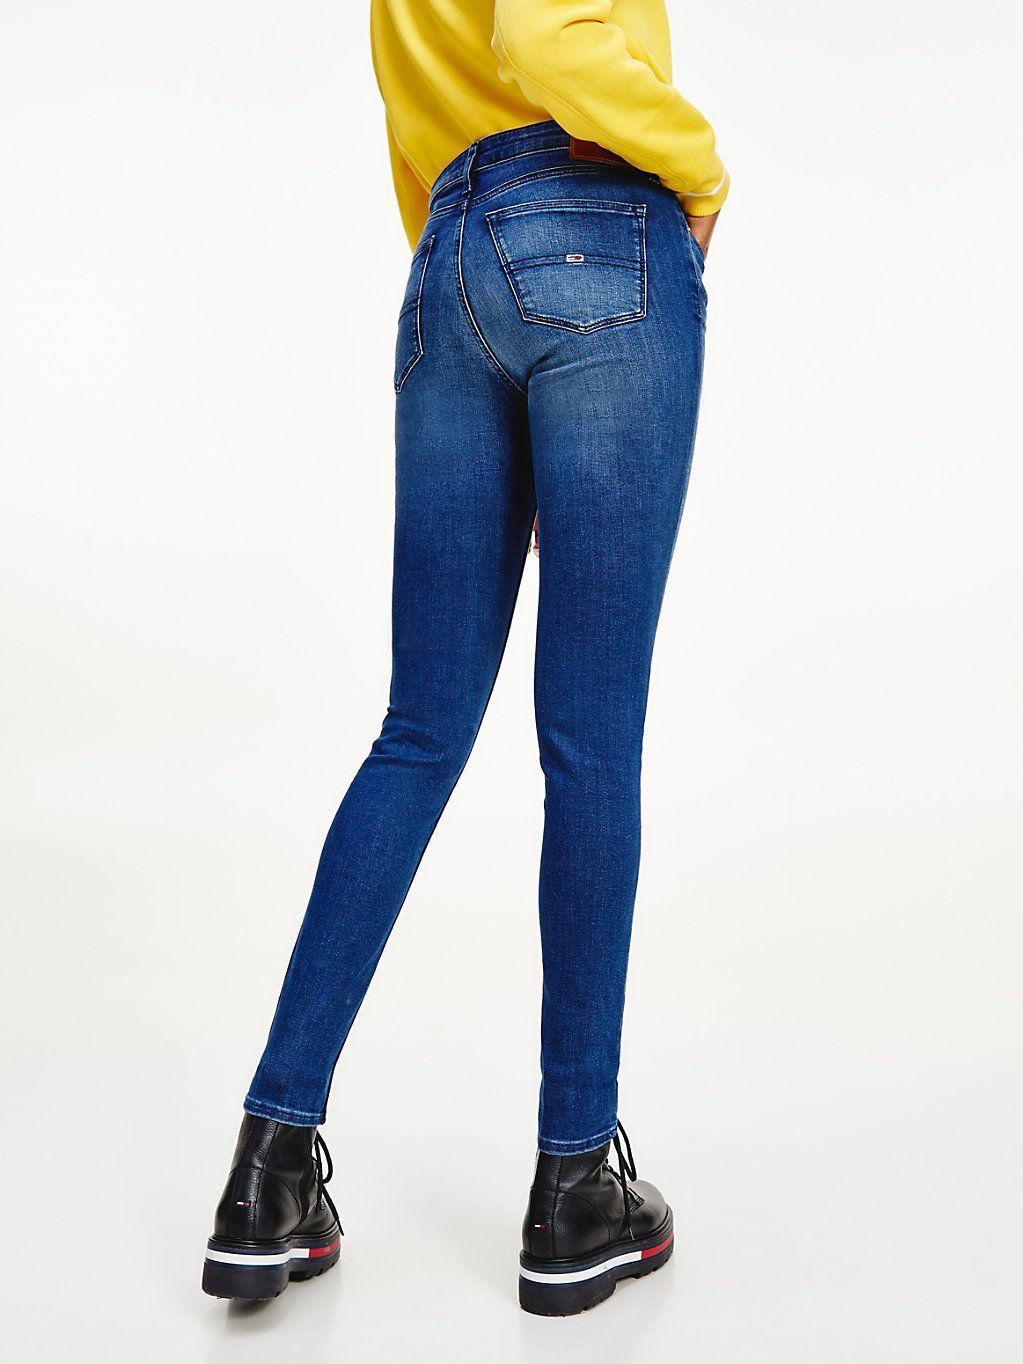 Fade-Effekte an den Beinen verleihen dieser unverzichtbaren Skinny Fit Jeans aus Bio-Baumwolle mit mittelhohem Bund einen Used-Look.  Produktdetails  • Rigid-Denim aus Bio-Baumwolle • Fade-Effekt an Oberschenkeln, Knien und Gesäß • 5-Pocket-Style • Tommy Jeans-Branding • Tommy Jeans Flag-Patch auf Gesäßtasche  Passform und Schnitt  • Skinny Fit • mittelhoher Bund • Das Model ist 1,76 m groß und trägt Größe 28/32  Material und Pflege  • 100 %…